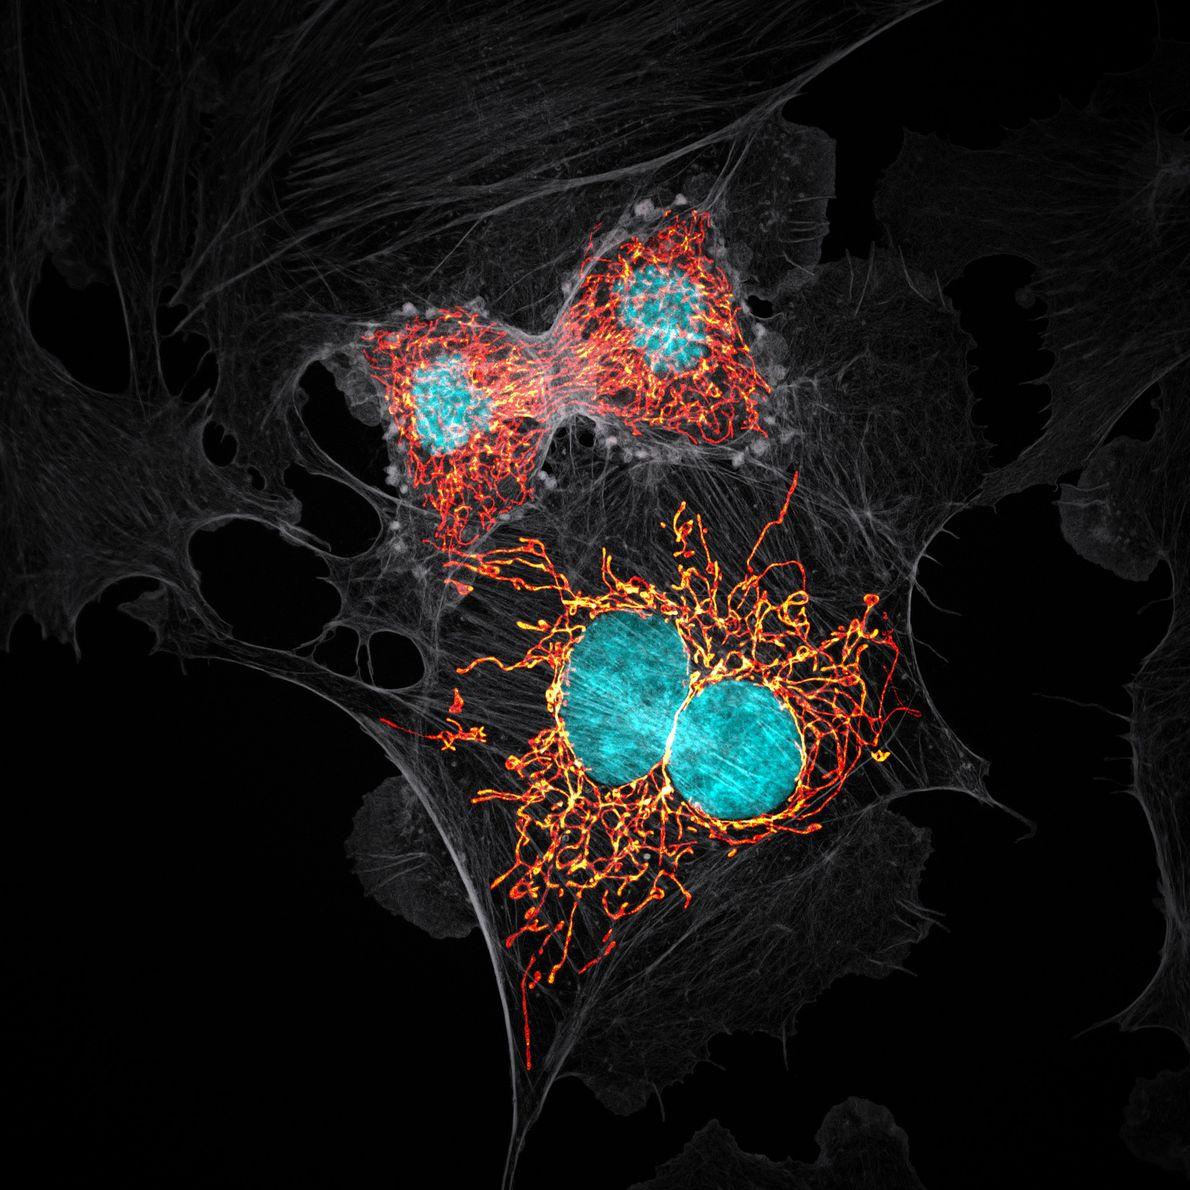 En 1979, des chercheurs ont cultivé des cellules extraites de l'artère pulmonaire d'une jeune vache et ...